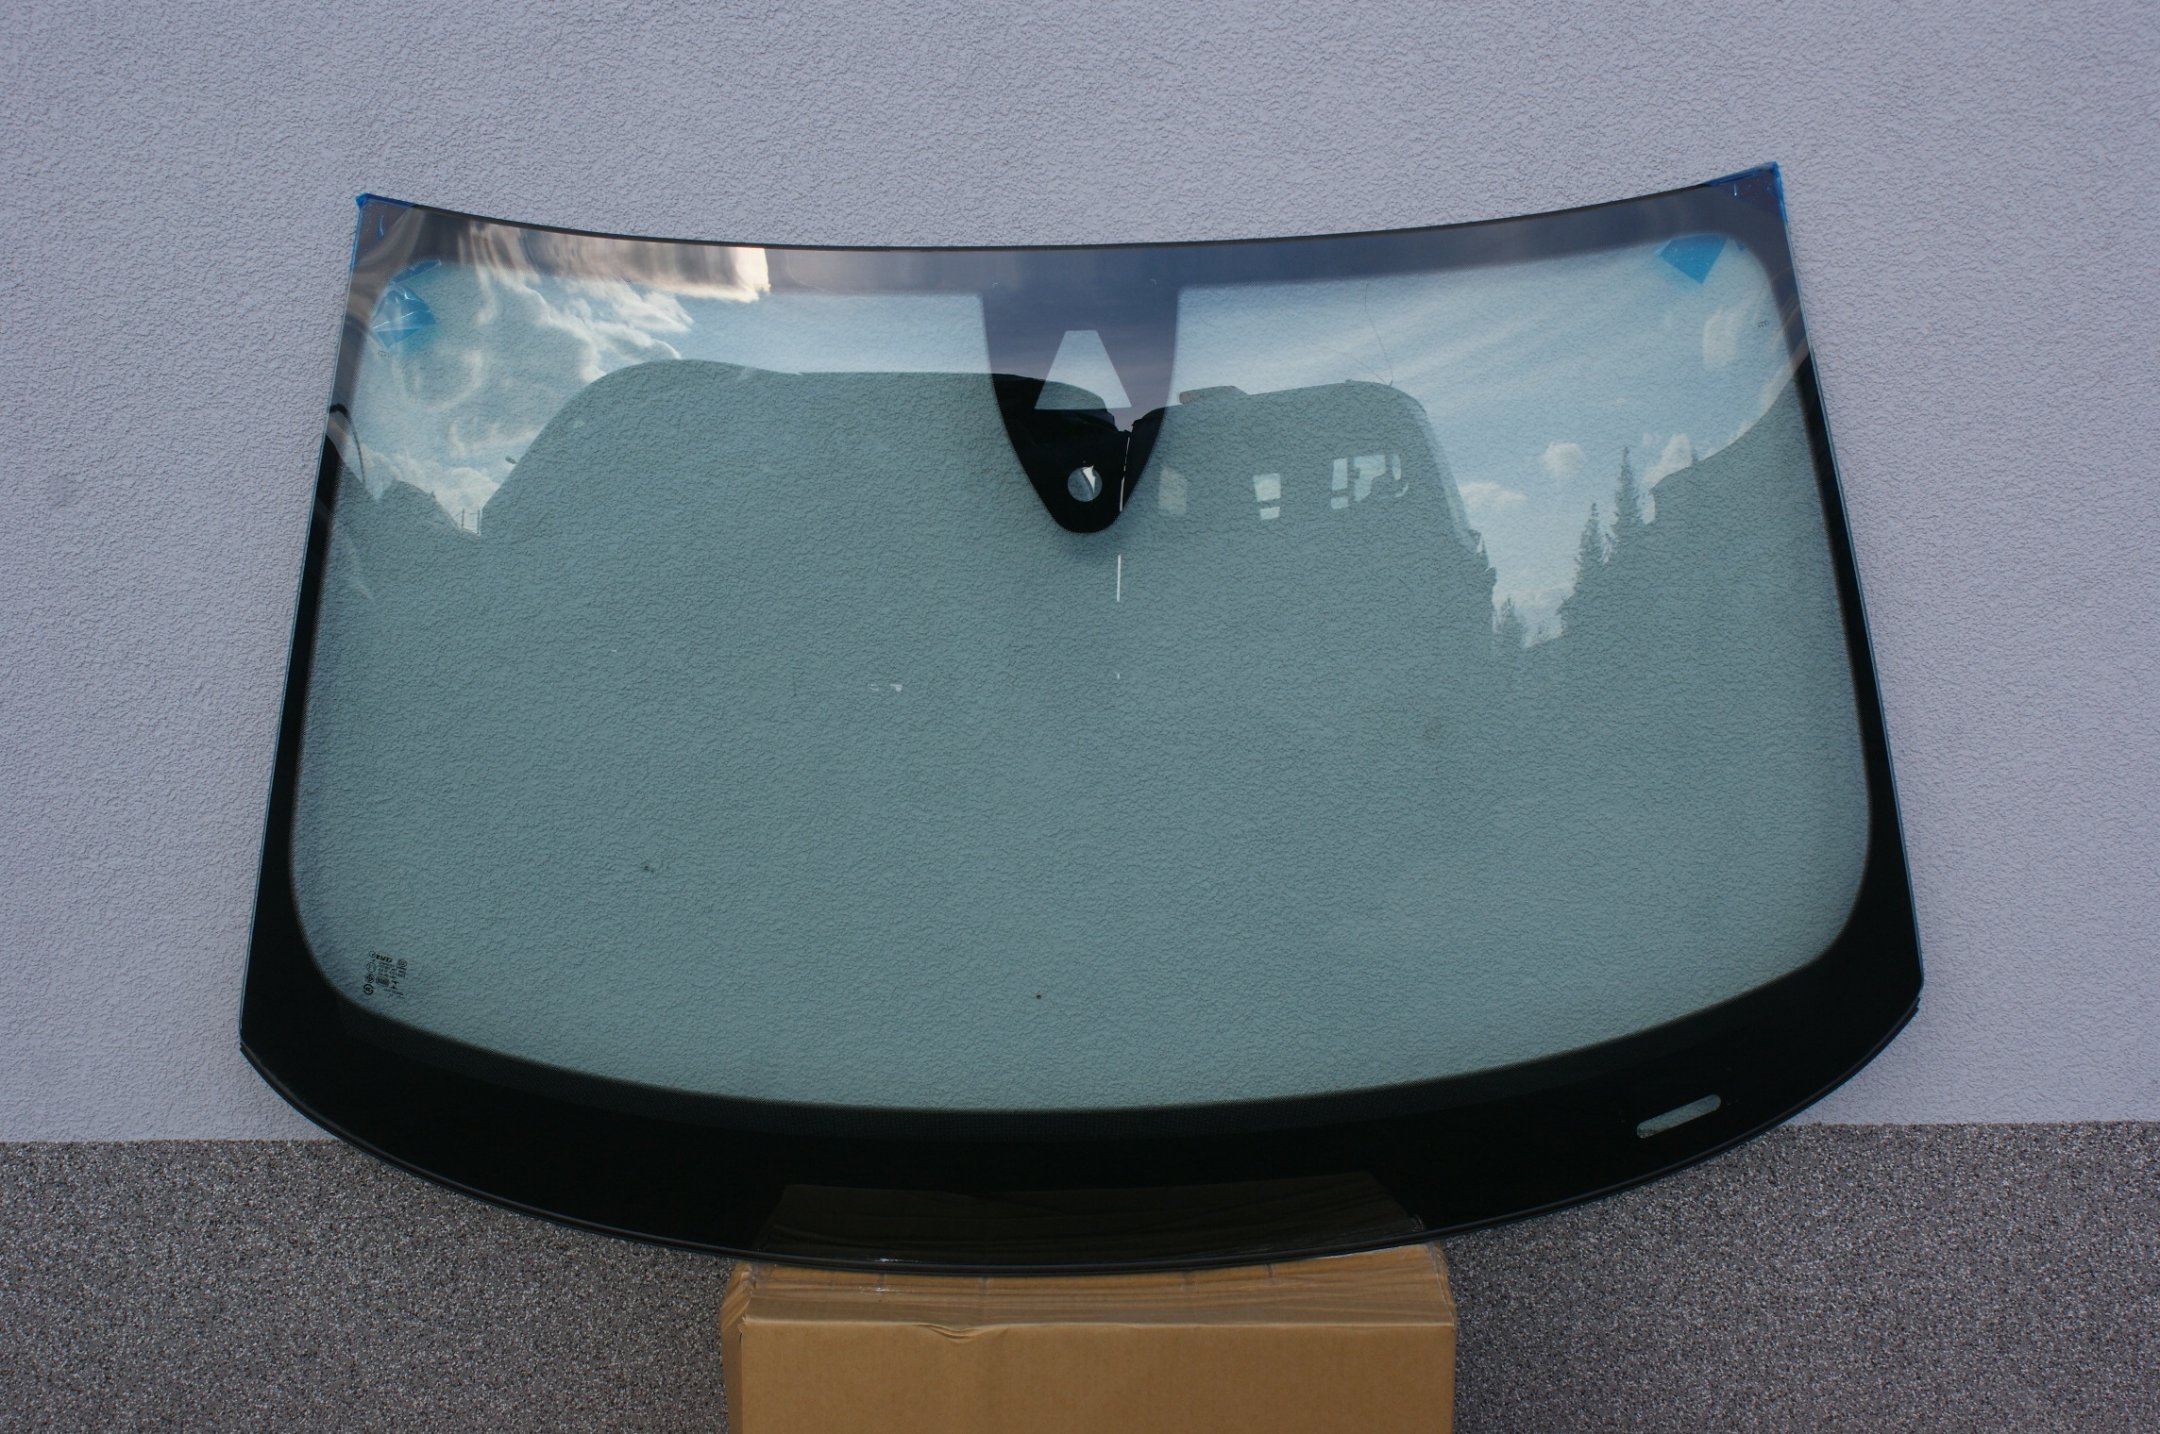 audi a3 после 2012 стекло мост новая сенсор камера